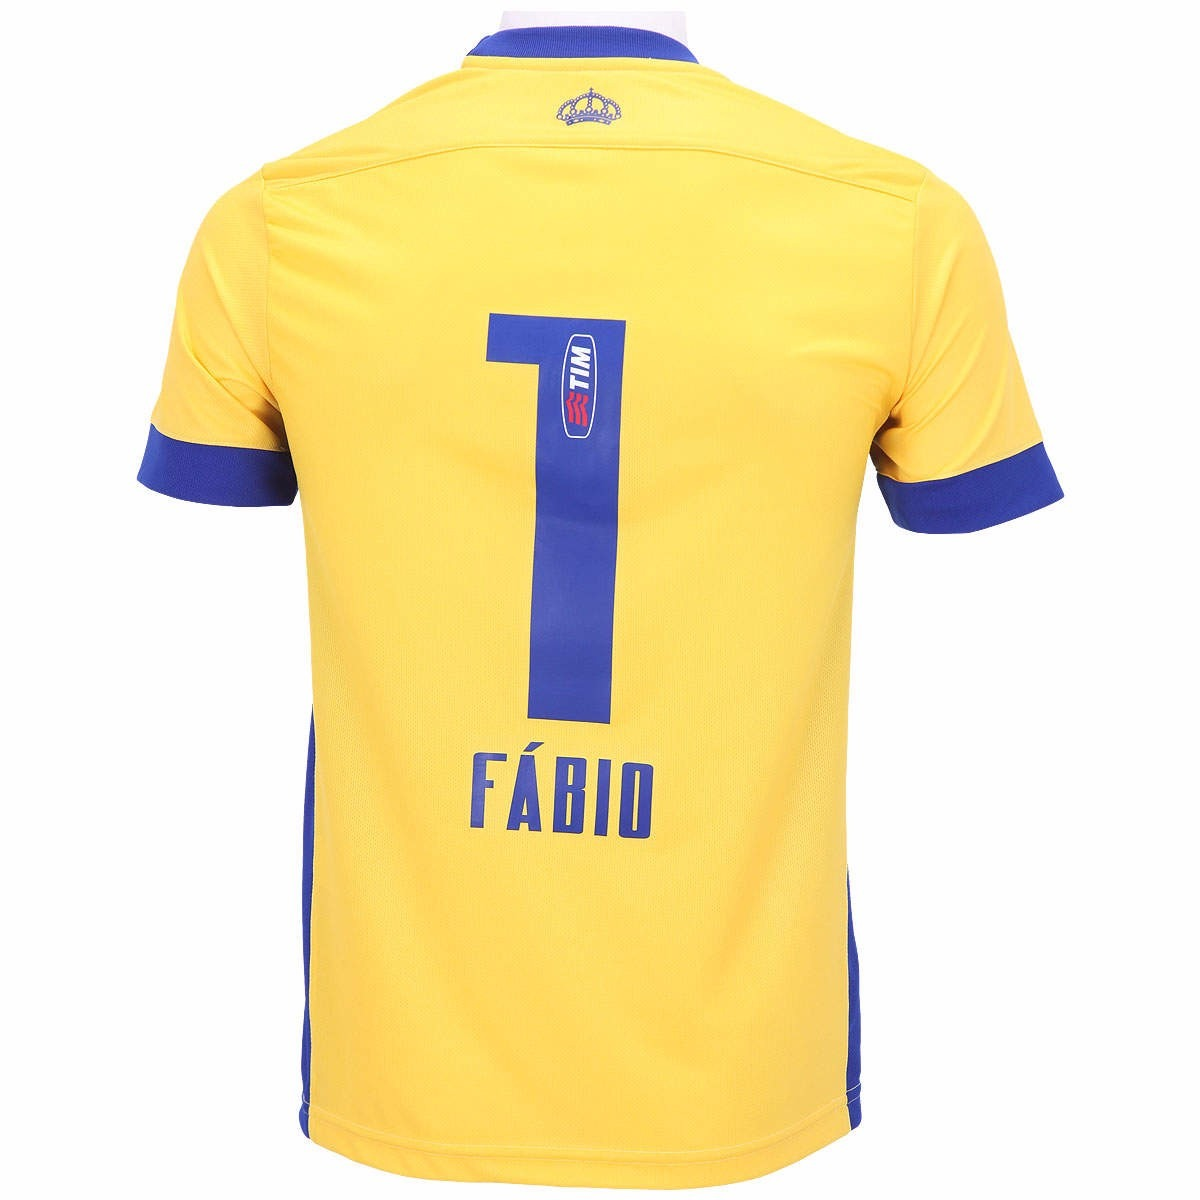 8f100ae83c509 camisa penalty cruzeiro goleiro 2015 nº1 fabio original c nf. Carregando  zoom.